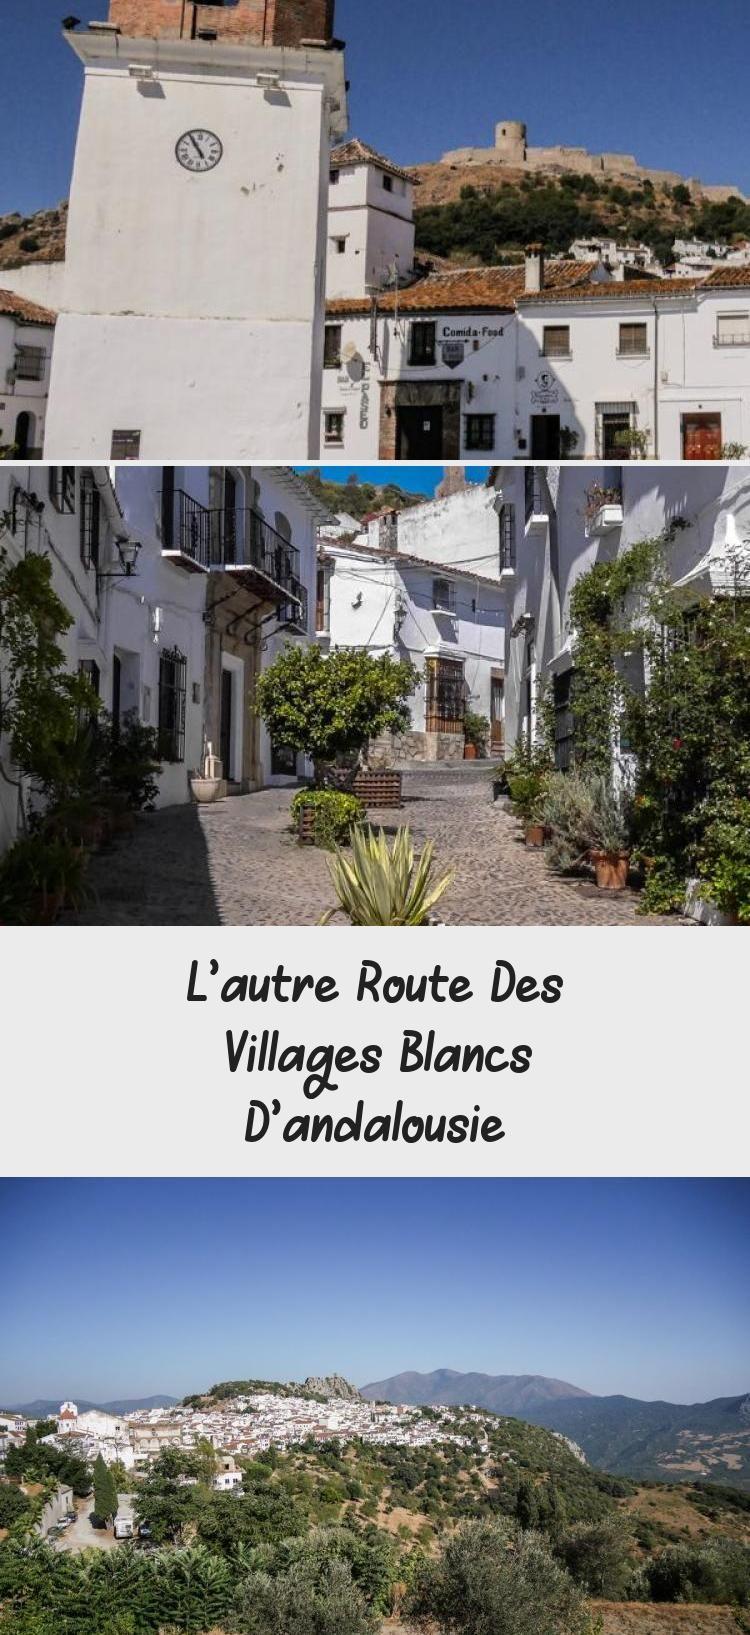 Route Des Villages Blancs : route, villages, blancs, L'autre, Route, Villages, Blancs, D'andalousie, VOYAGE, House, Styles,, Mansions,, Village